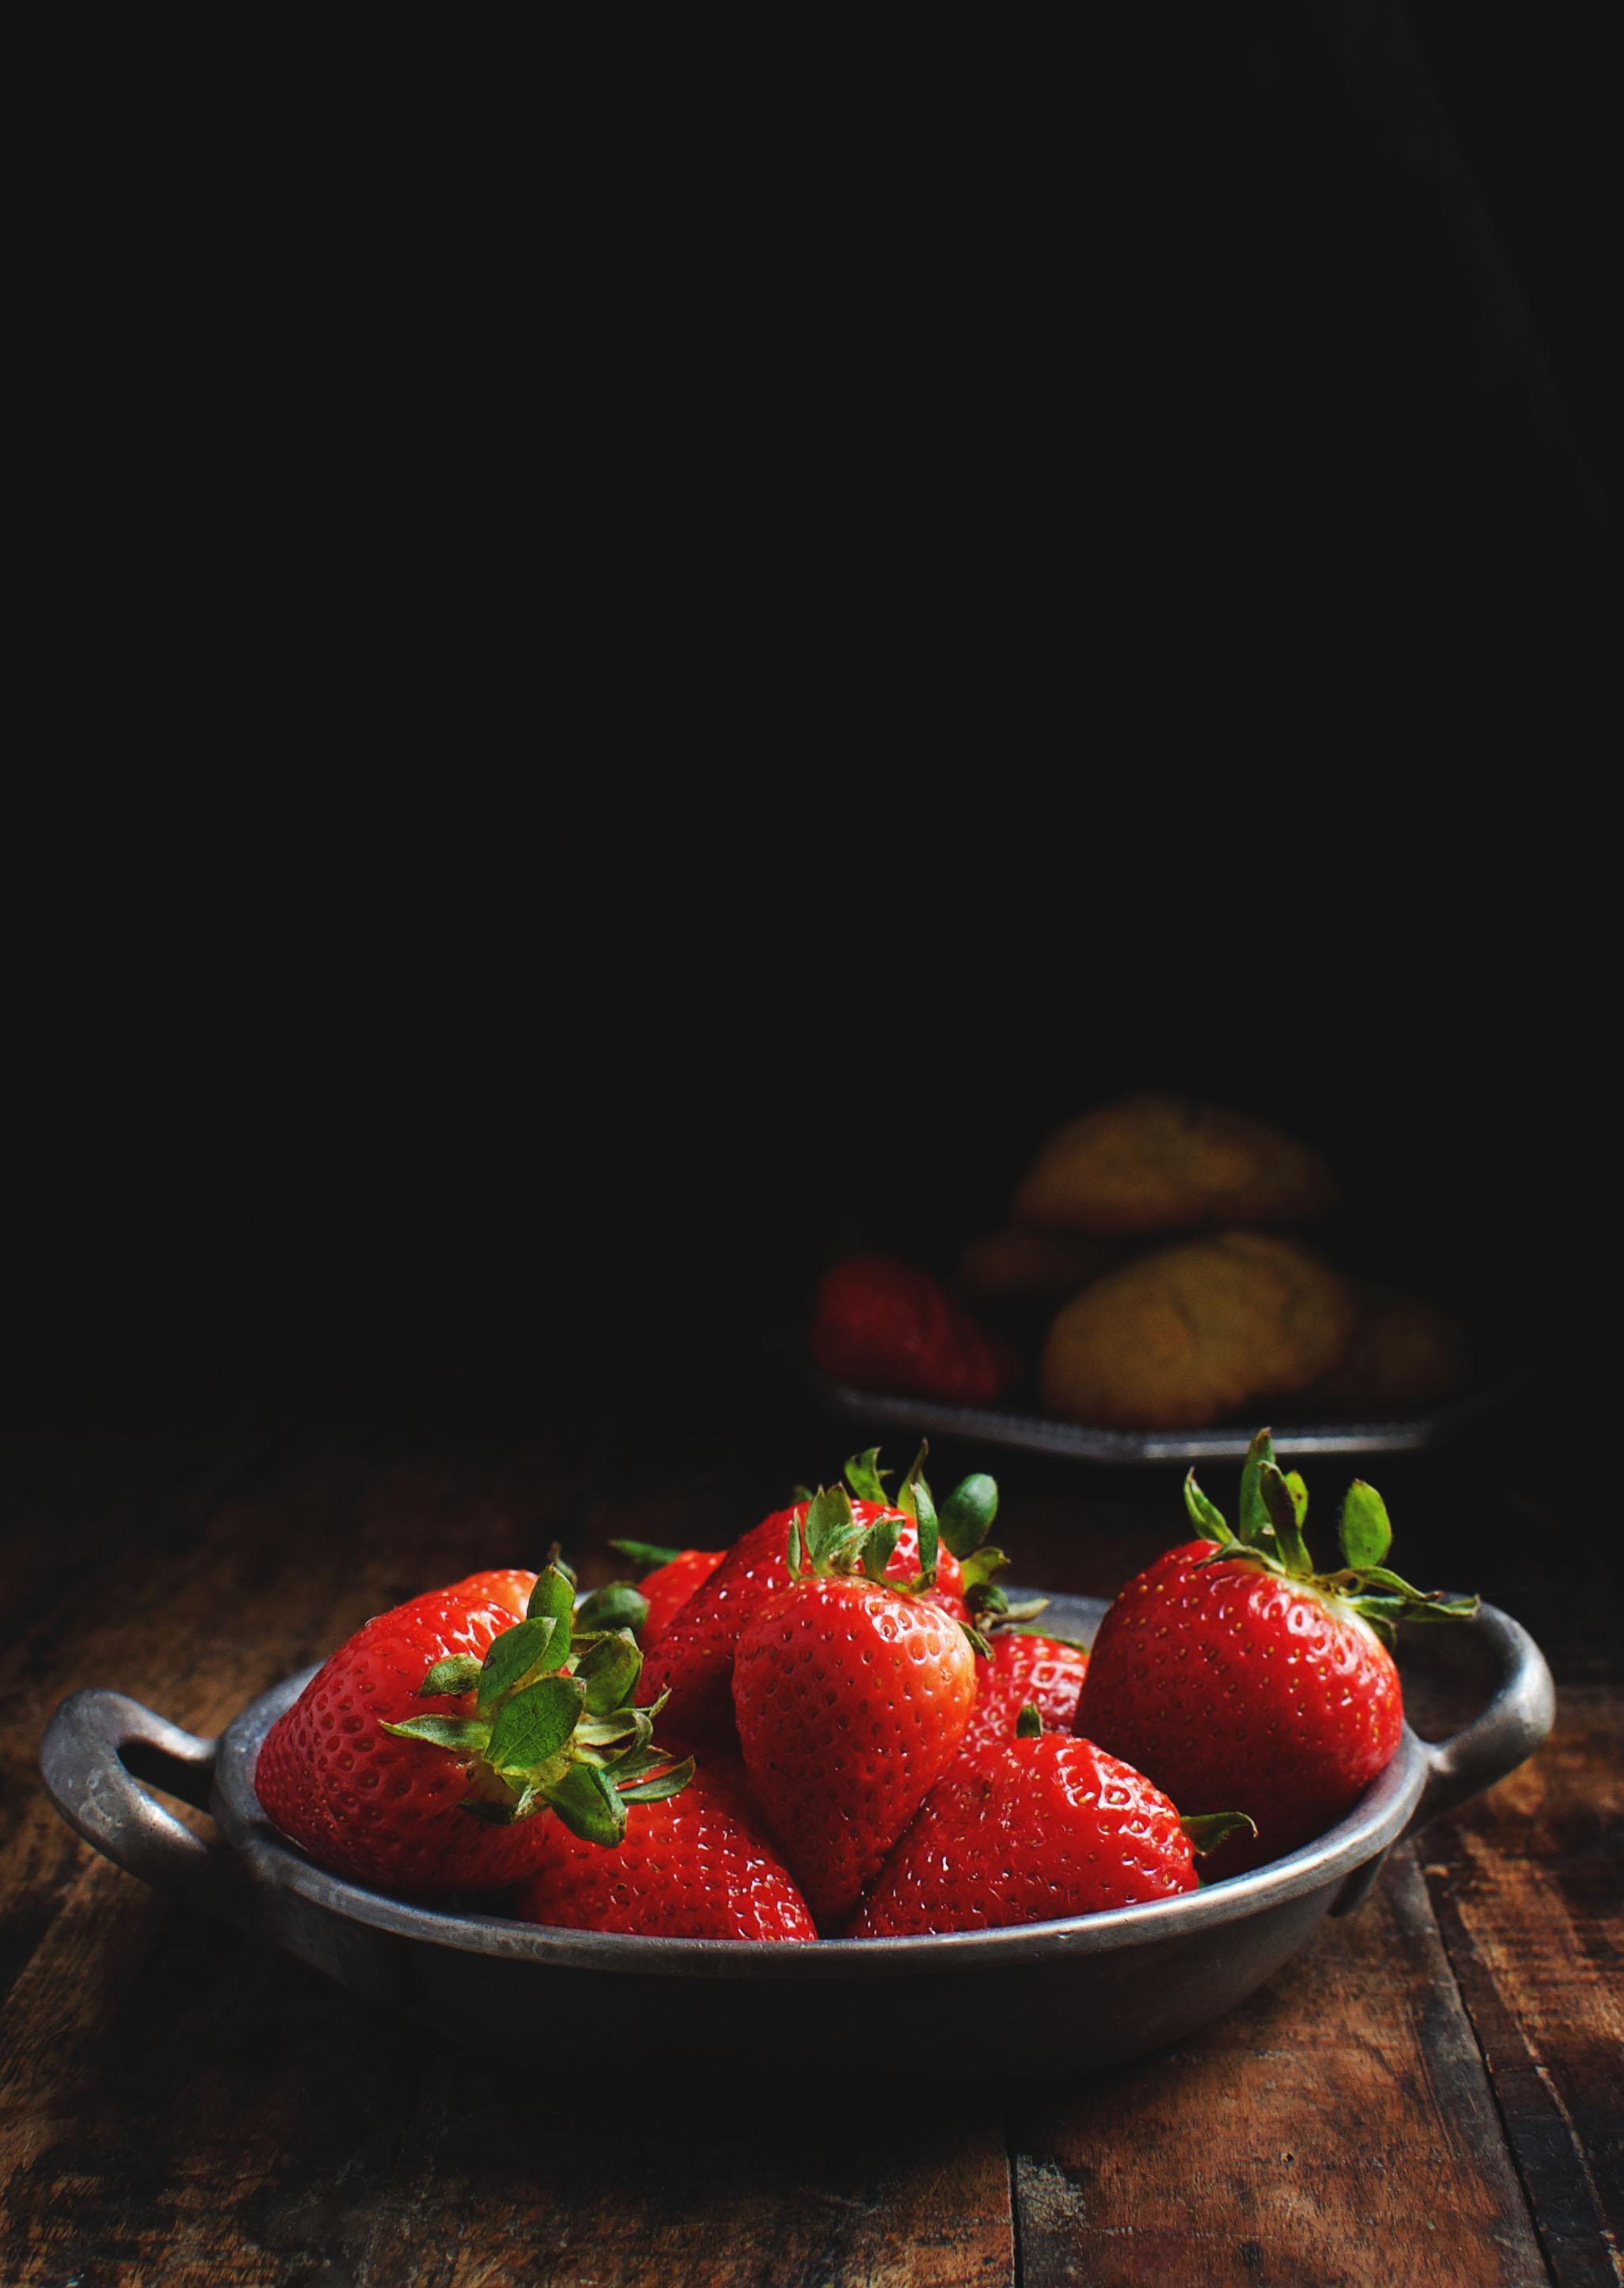 Low-Carb Strawberry Lemon Shortcake